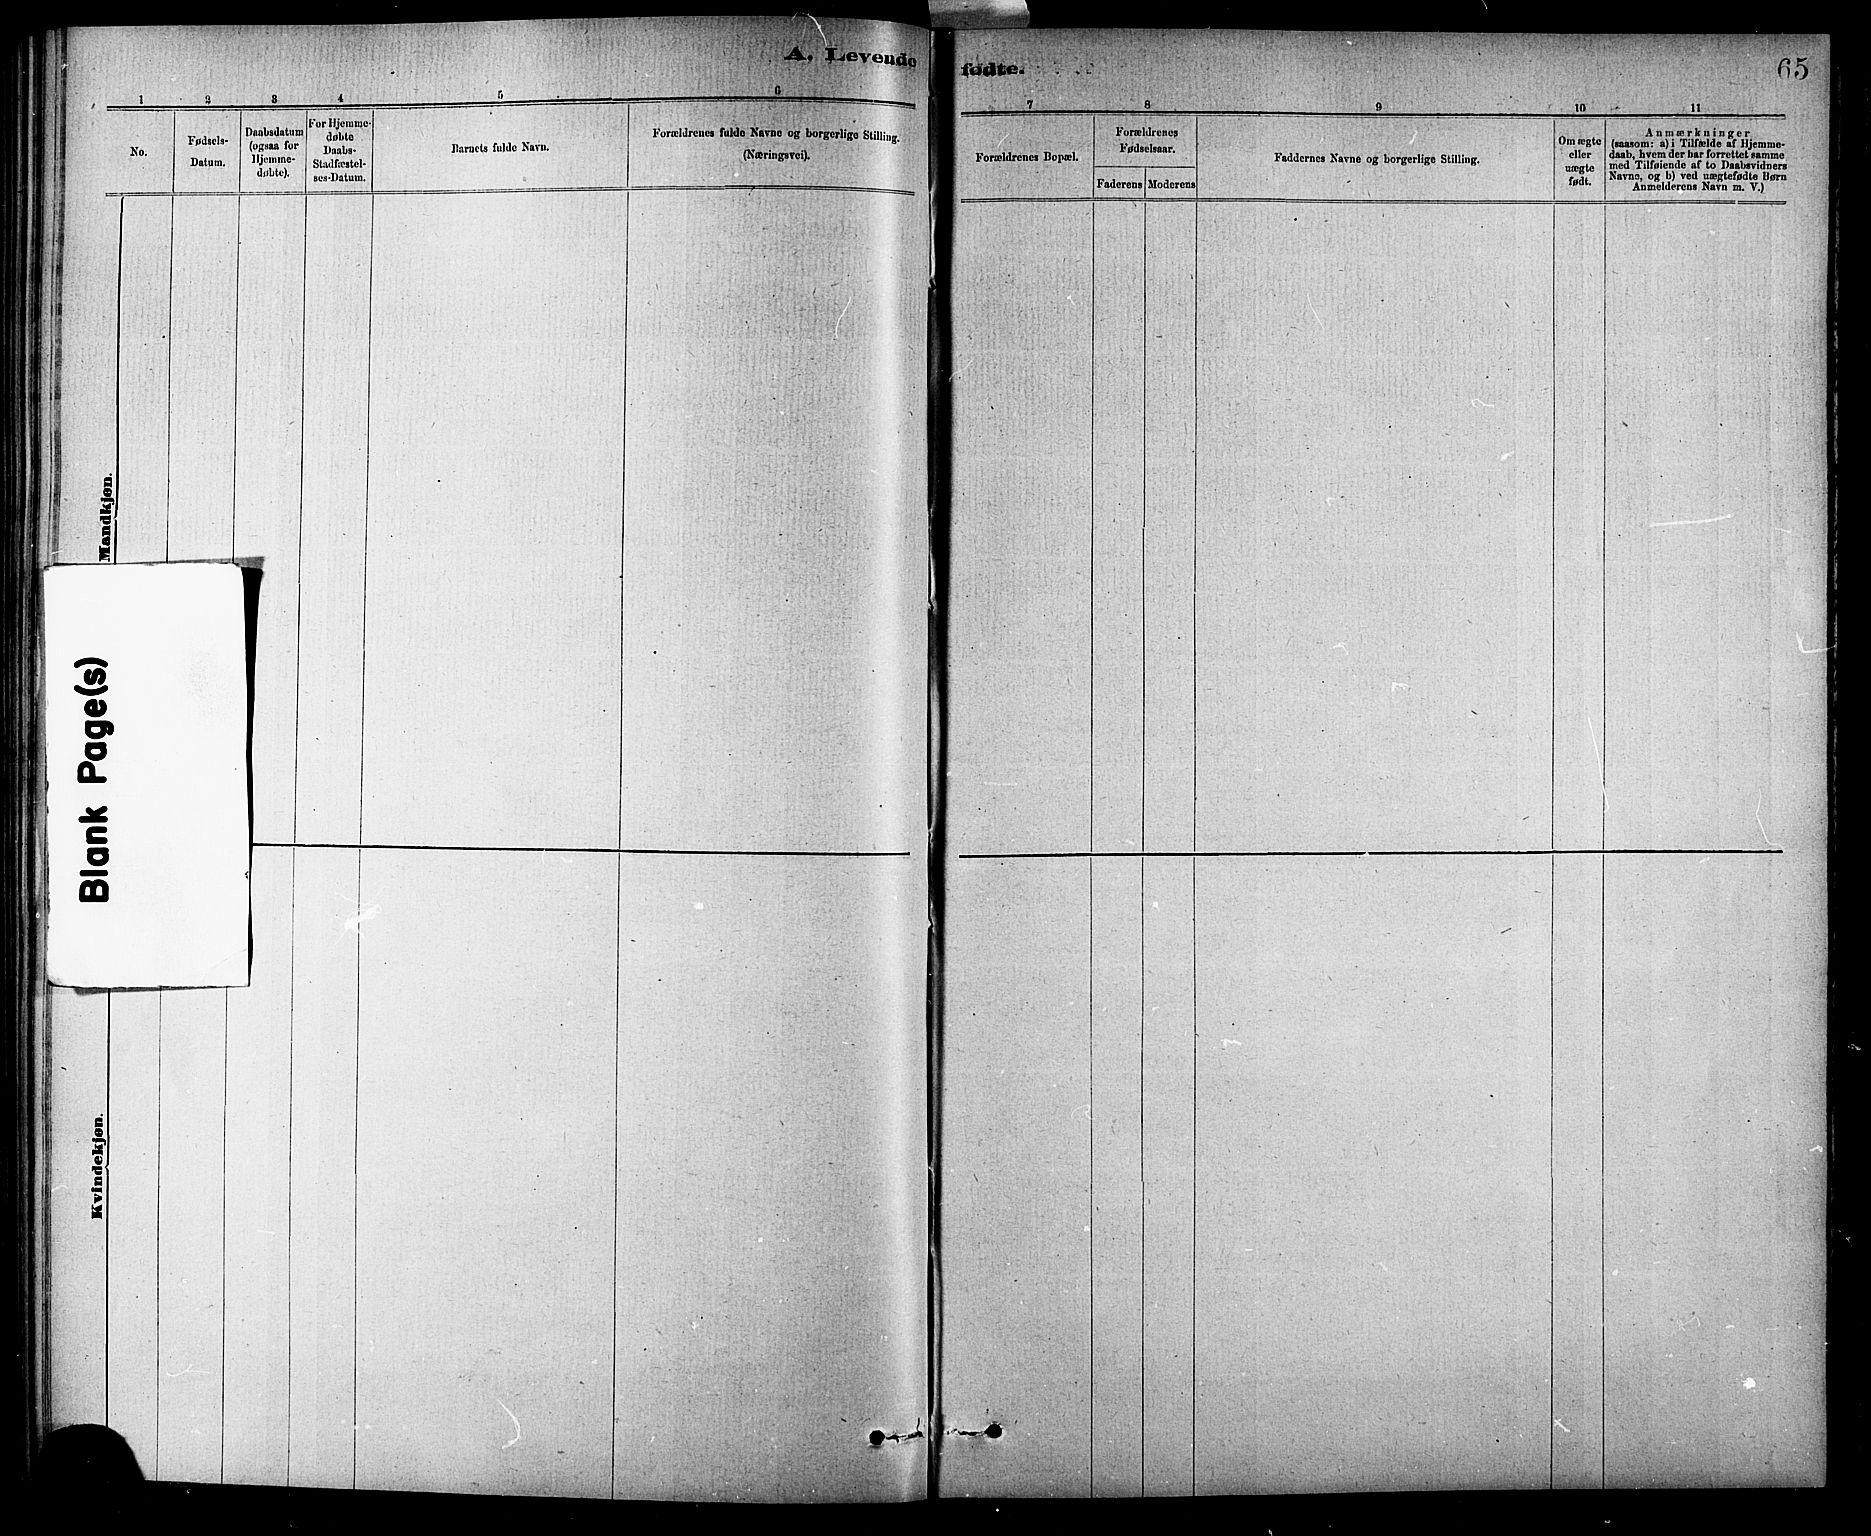 SAT, Ministerialprotokoller, klokkerbøker og fødselsregistre - Sør-Trøndelag, 618/L0452: Klokkerbok nr. 618C03, 1884-1906, s. 65